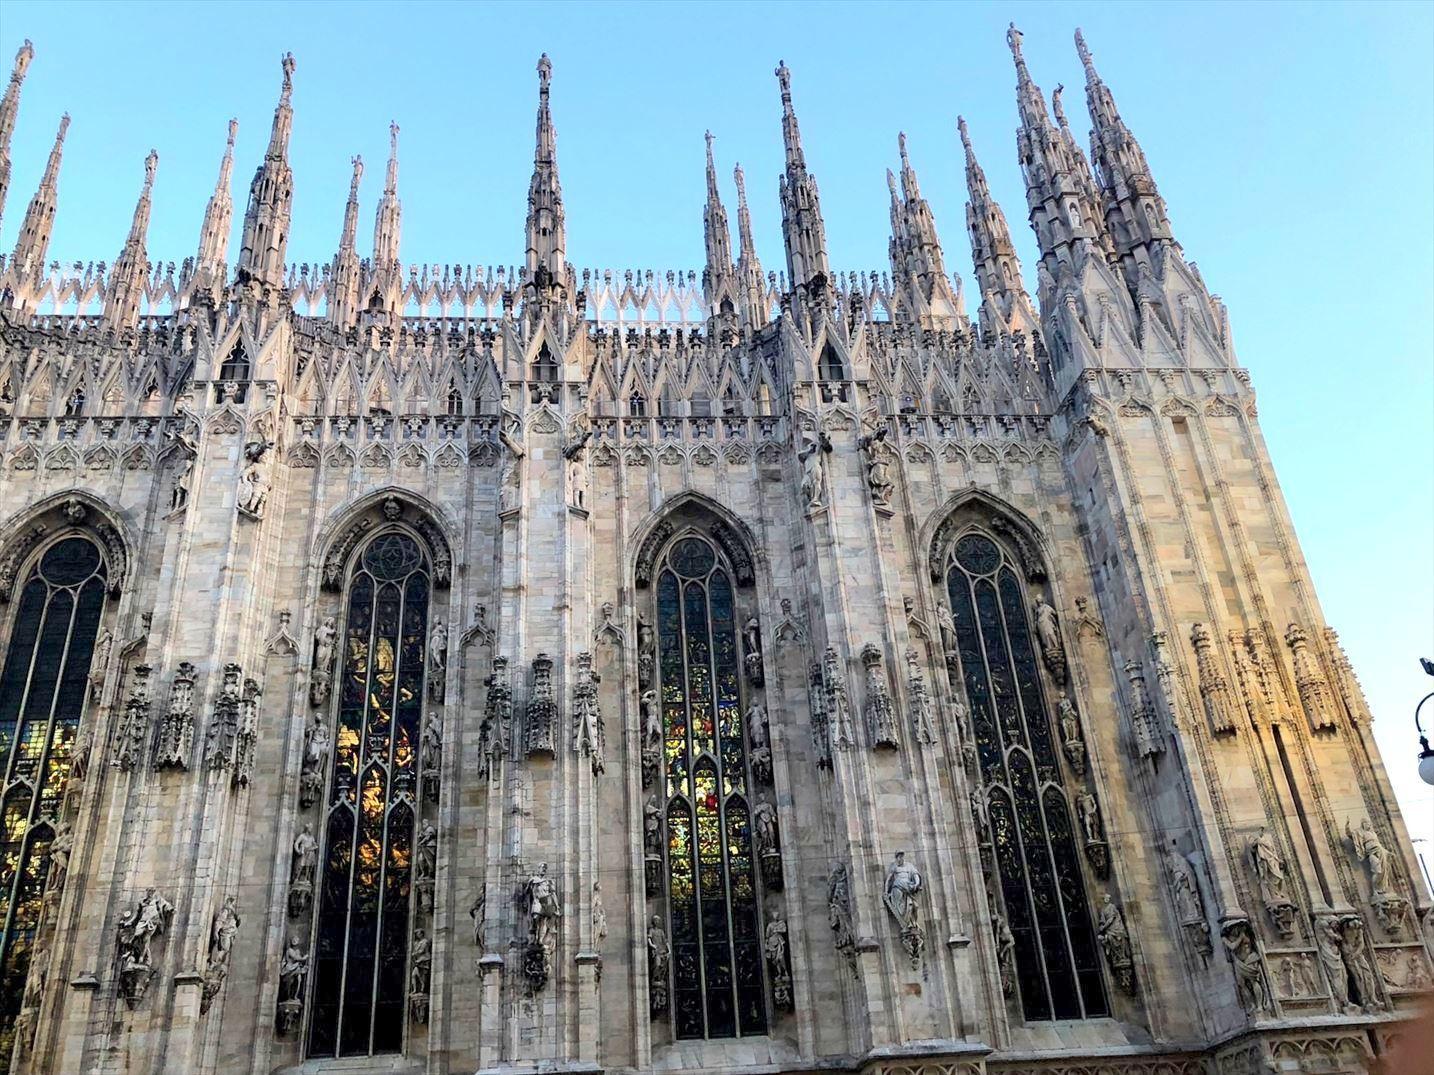 シチリア/ 45  荘厳なミラノ大聖堂 Ⅲ_a0092659_15282211.jpg